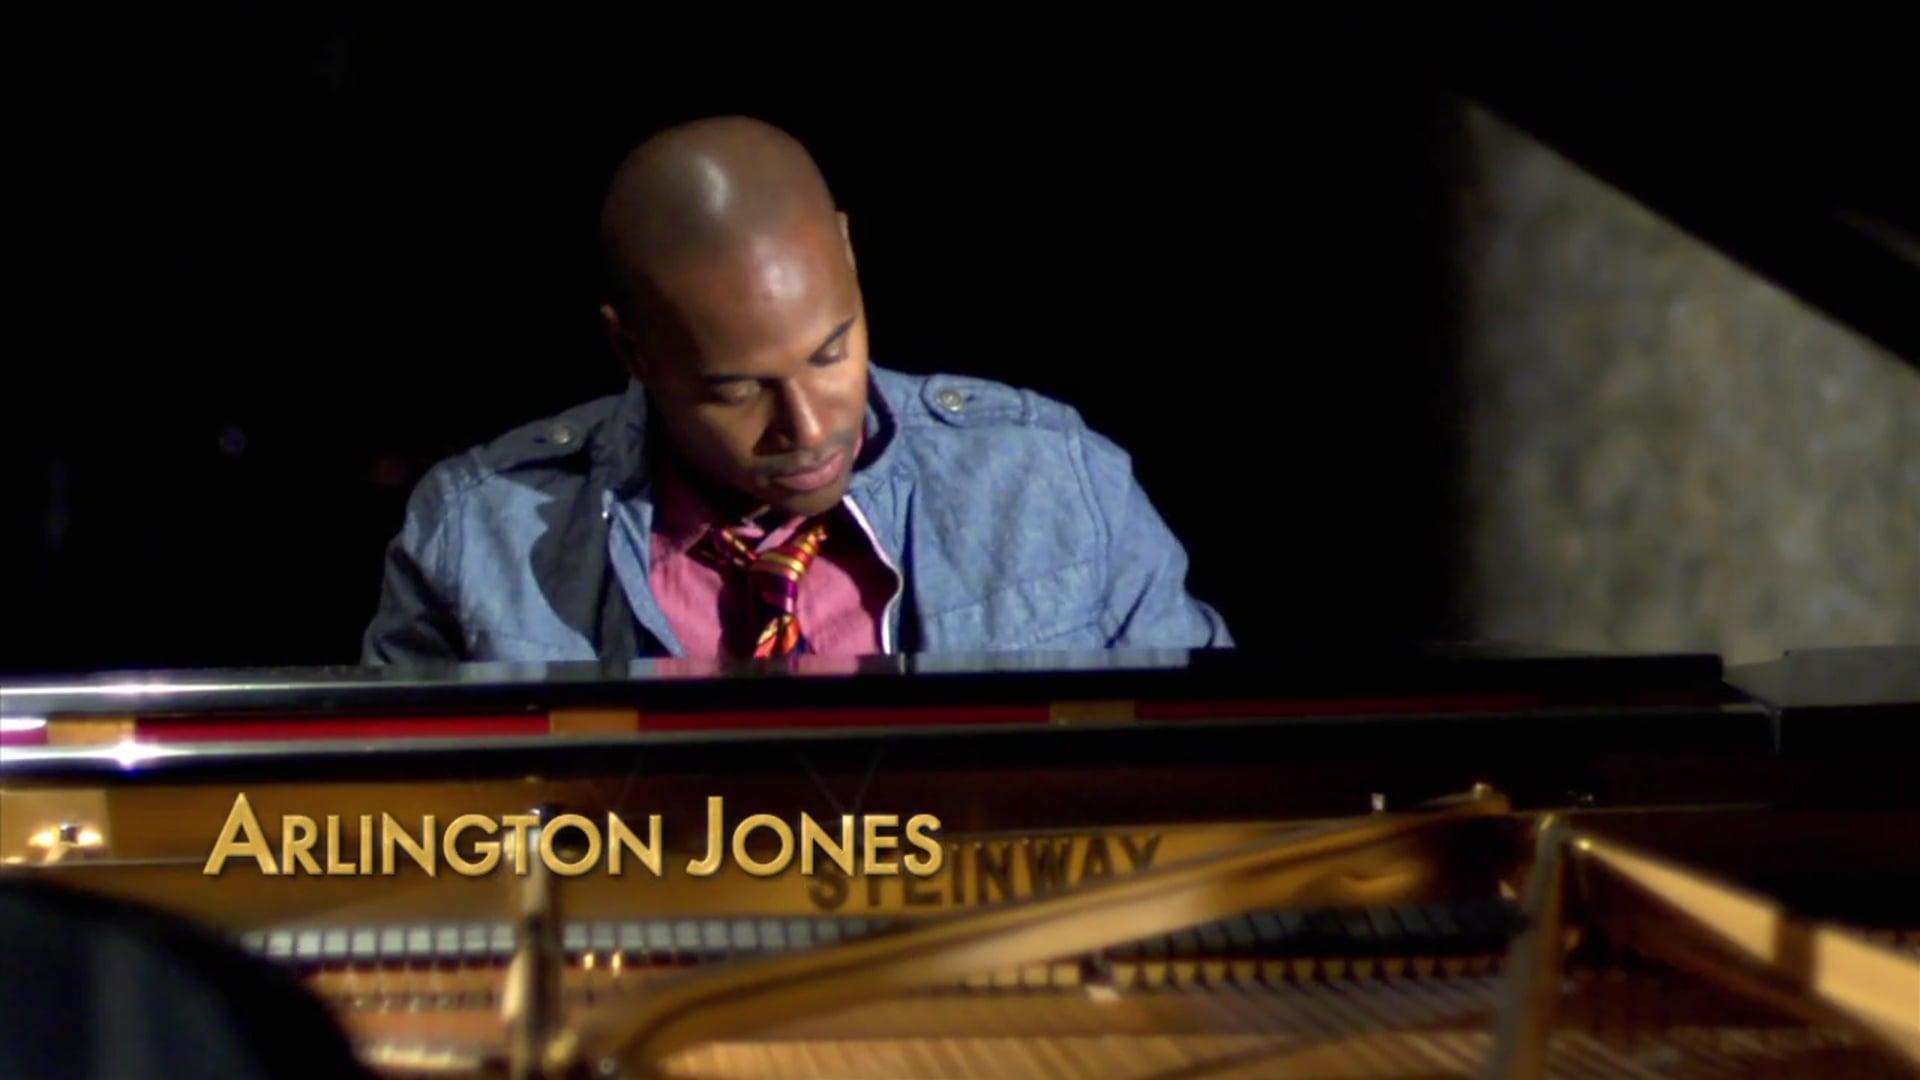 Arlington Jones